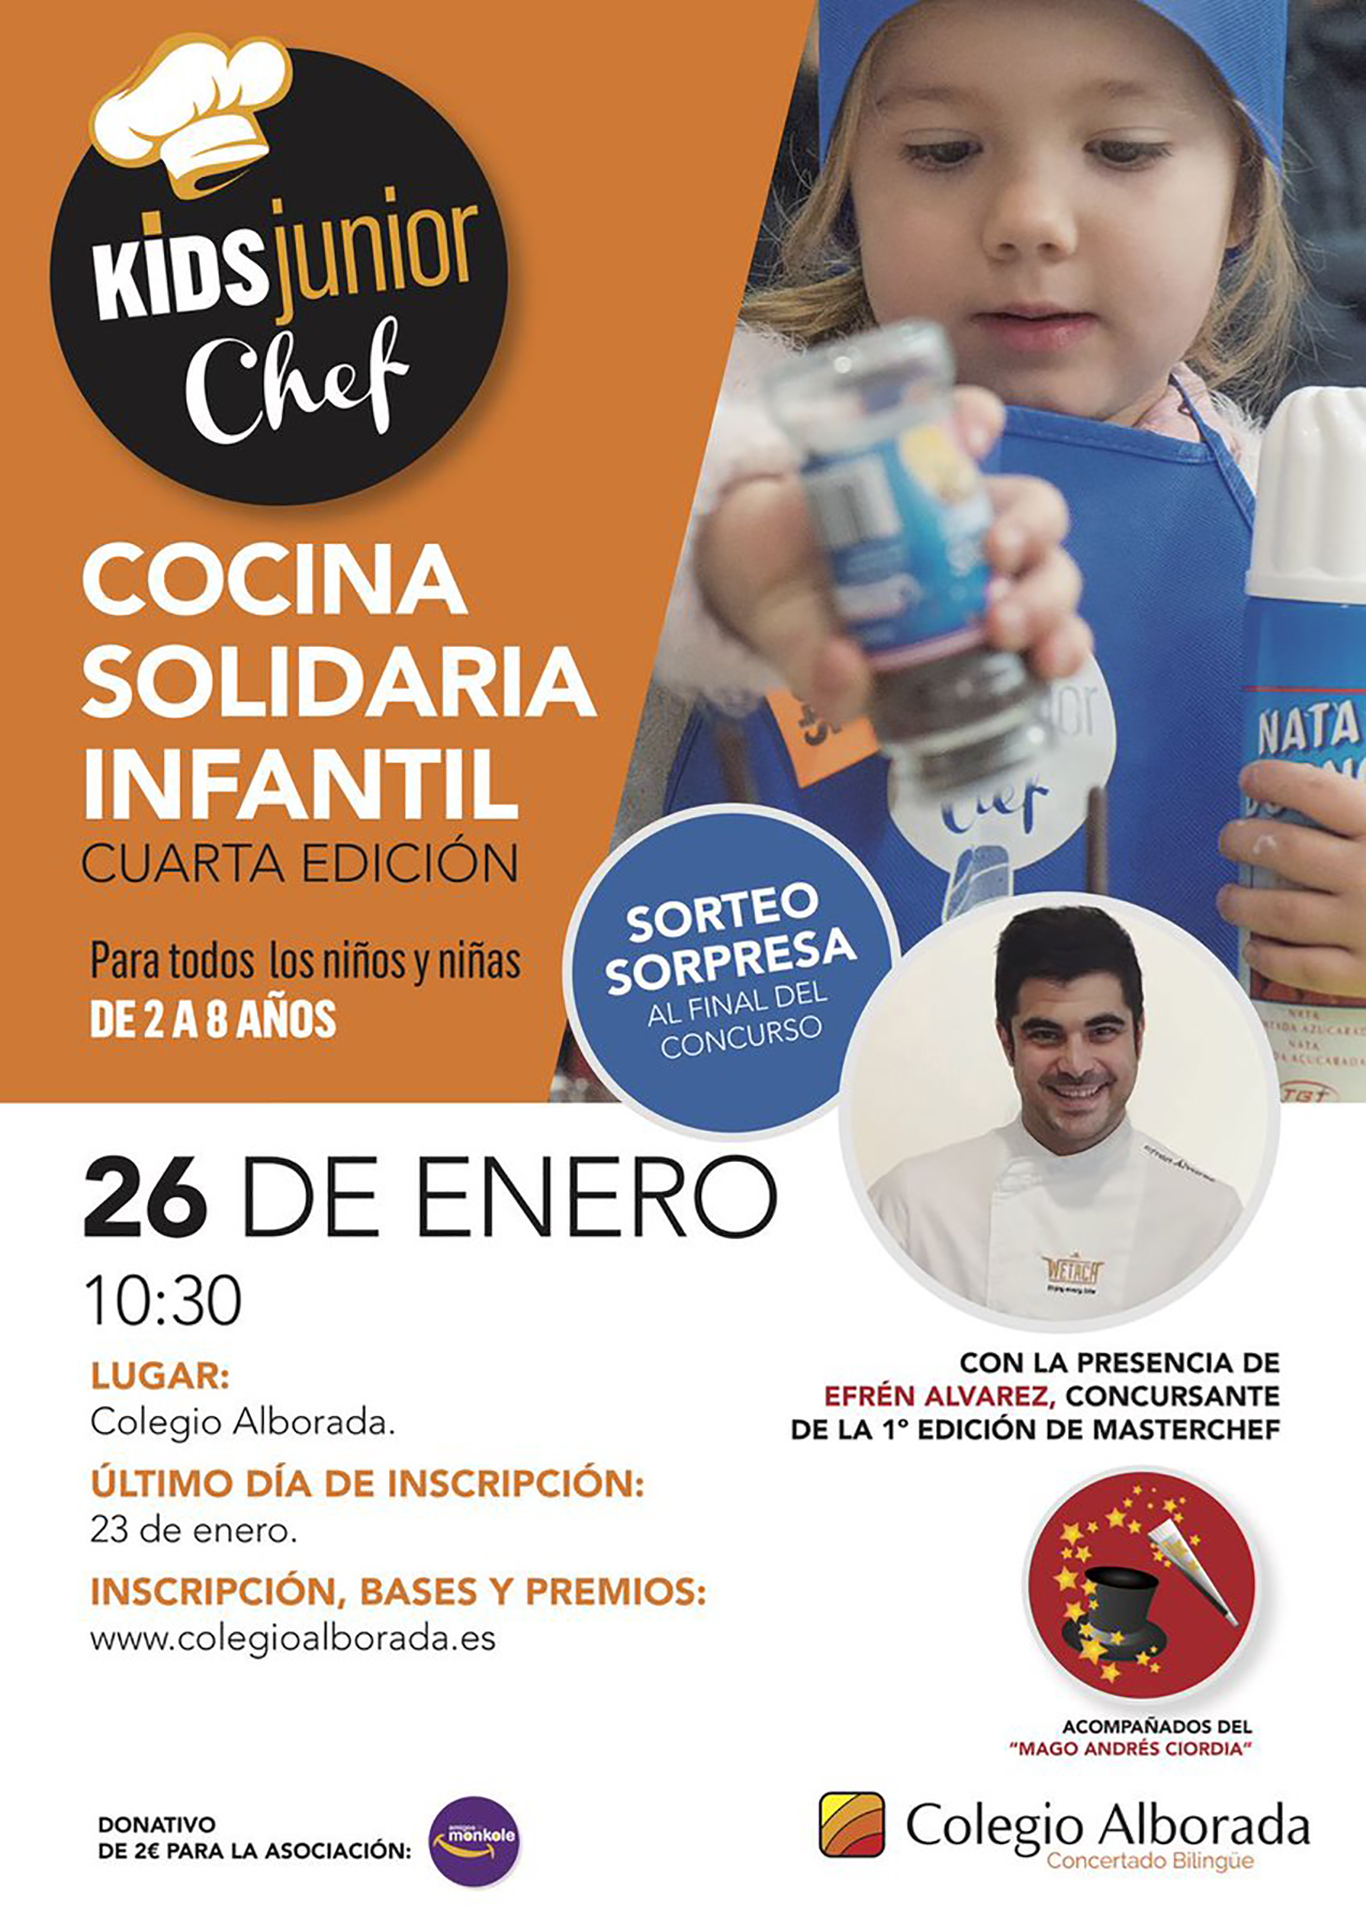 Kids Alcalá Cocina Concurso Alborada Junior De Chef Colegio Del Dream R7OzETFqw